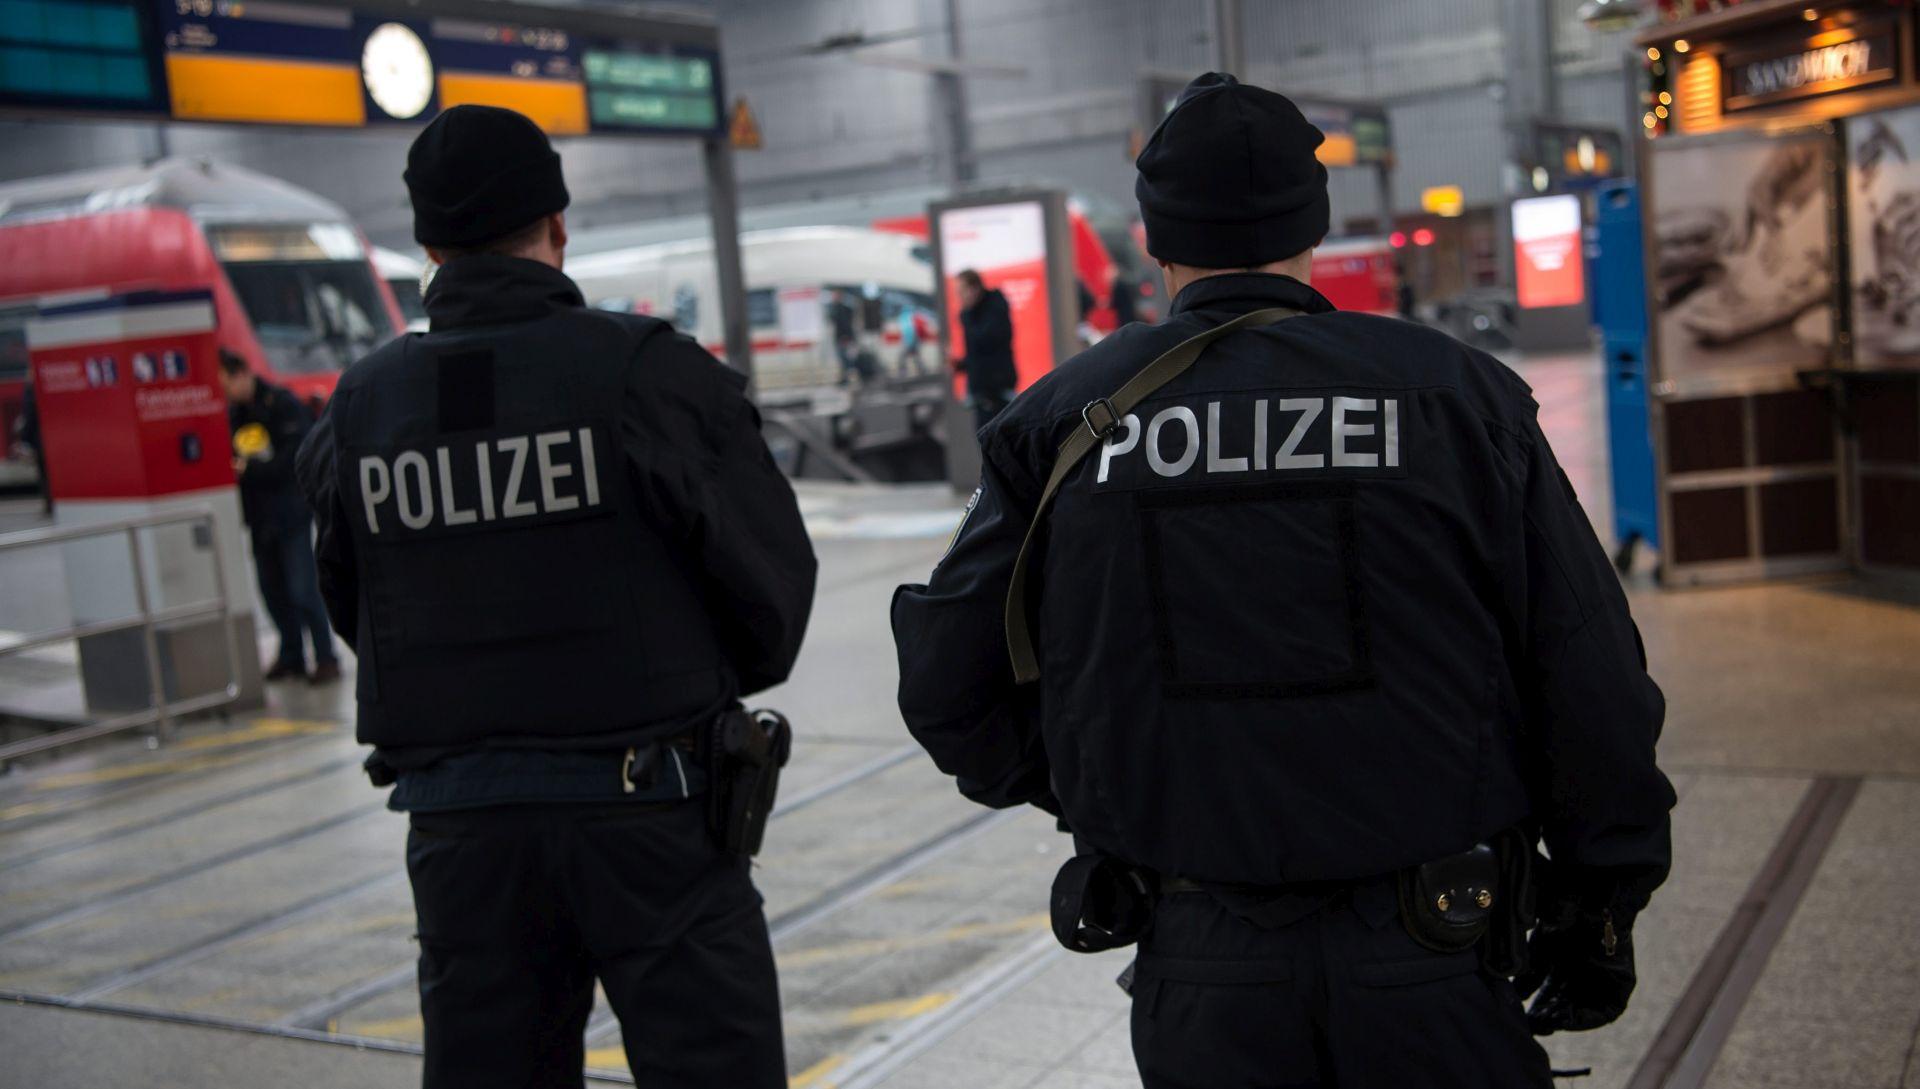 NAPADI NA ULICAMA GRADA Njemačka šokirana valom seksualnih napada i pljački